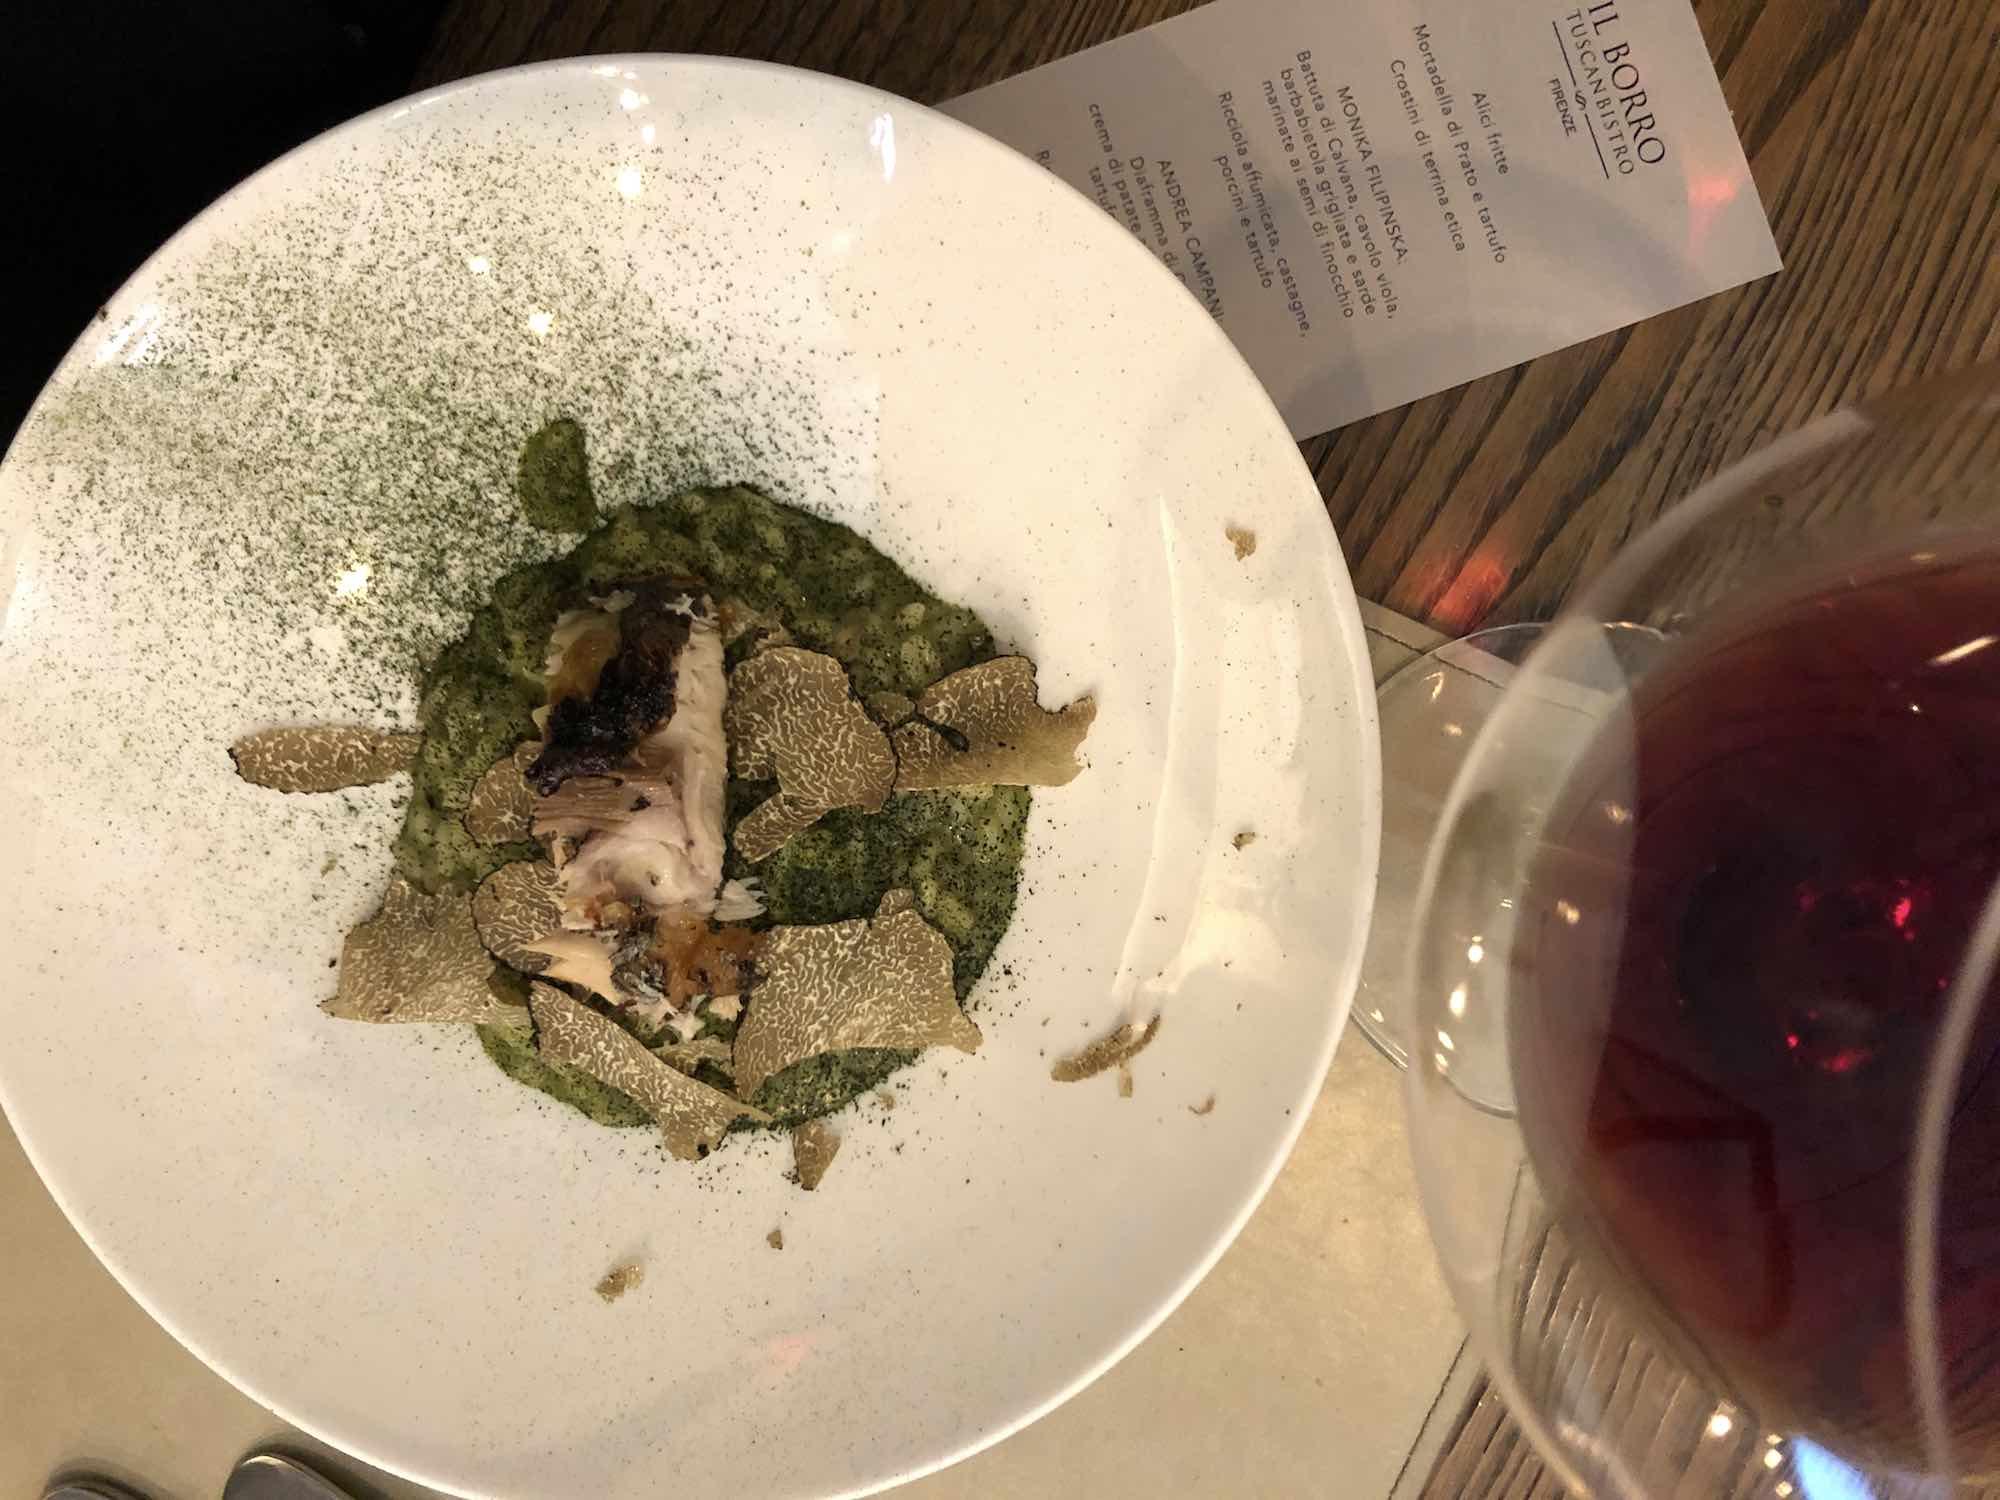 Cuochi Incrociati è uno degli eventi speciali che si tengono il giovedì al Borro Tuscan Bistro di Firenze, ristorante di Ferruccio Ferragamo.